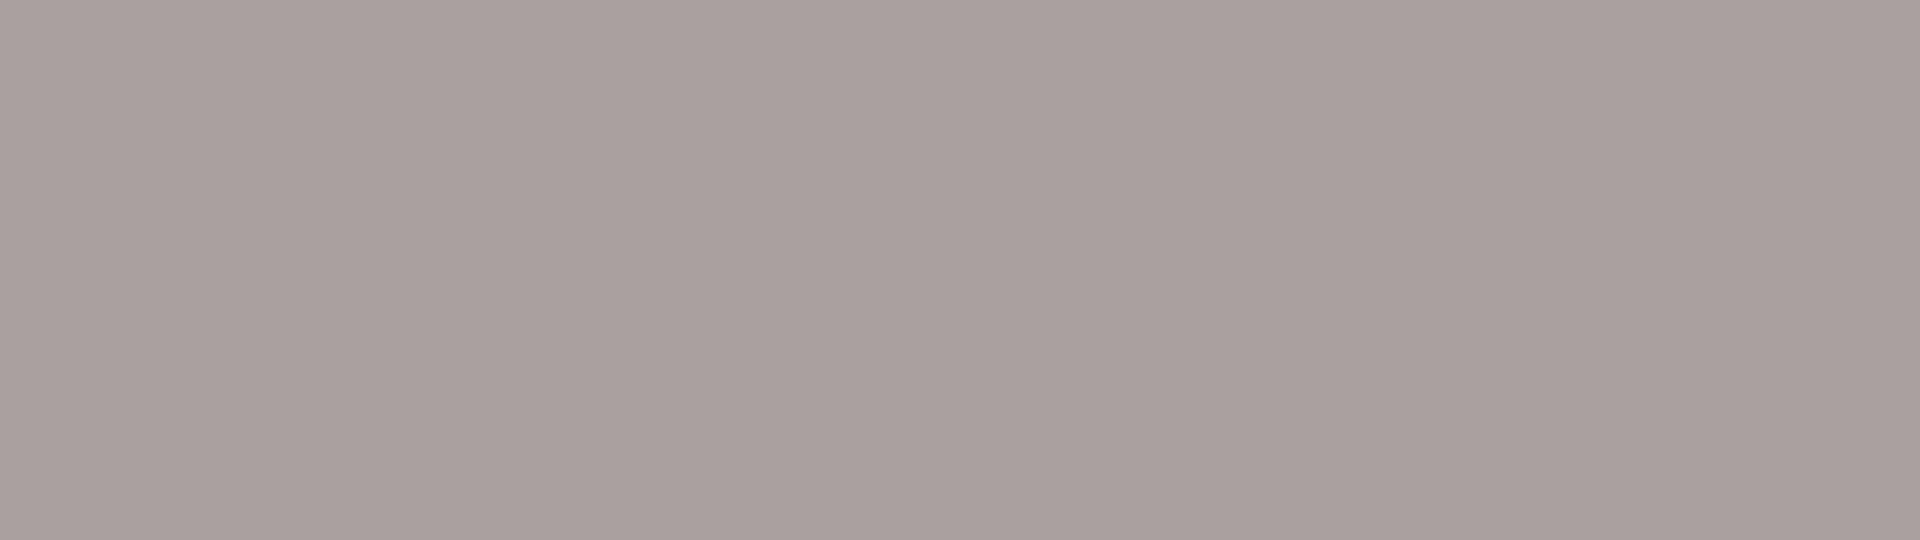 CATEGORY-MBLYA-ENKONFORLUMOBILYAKDV-19-01